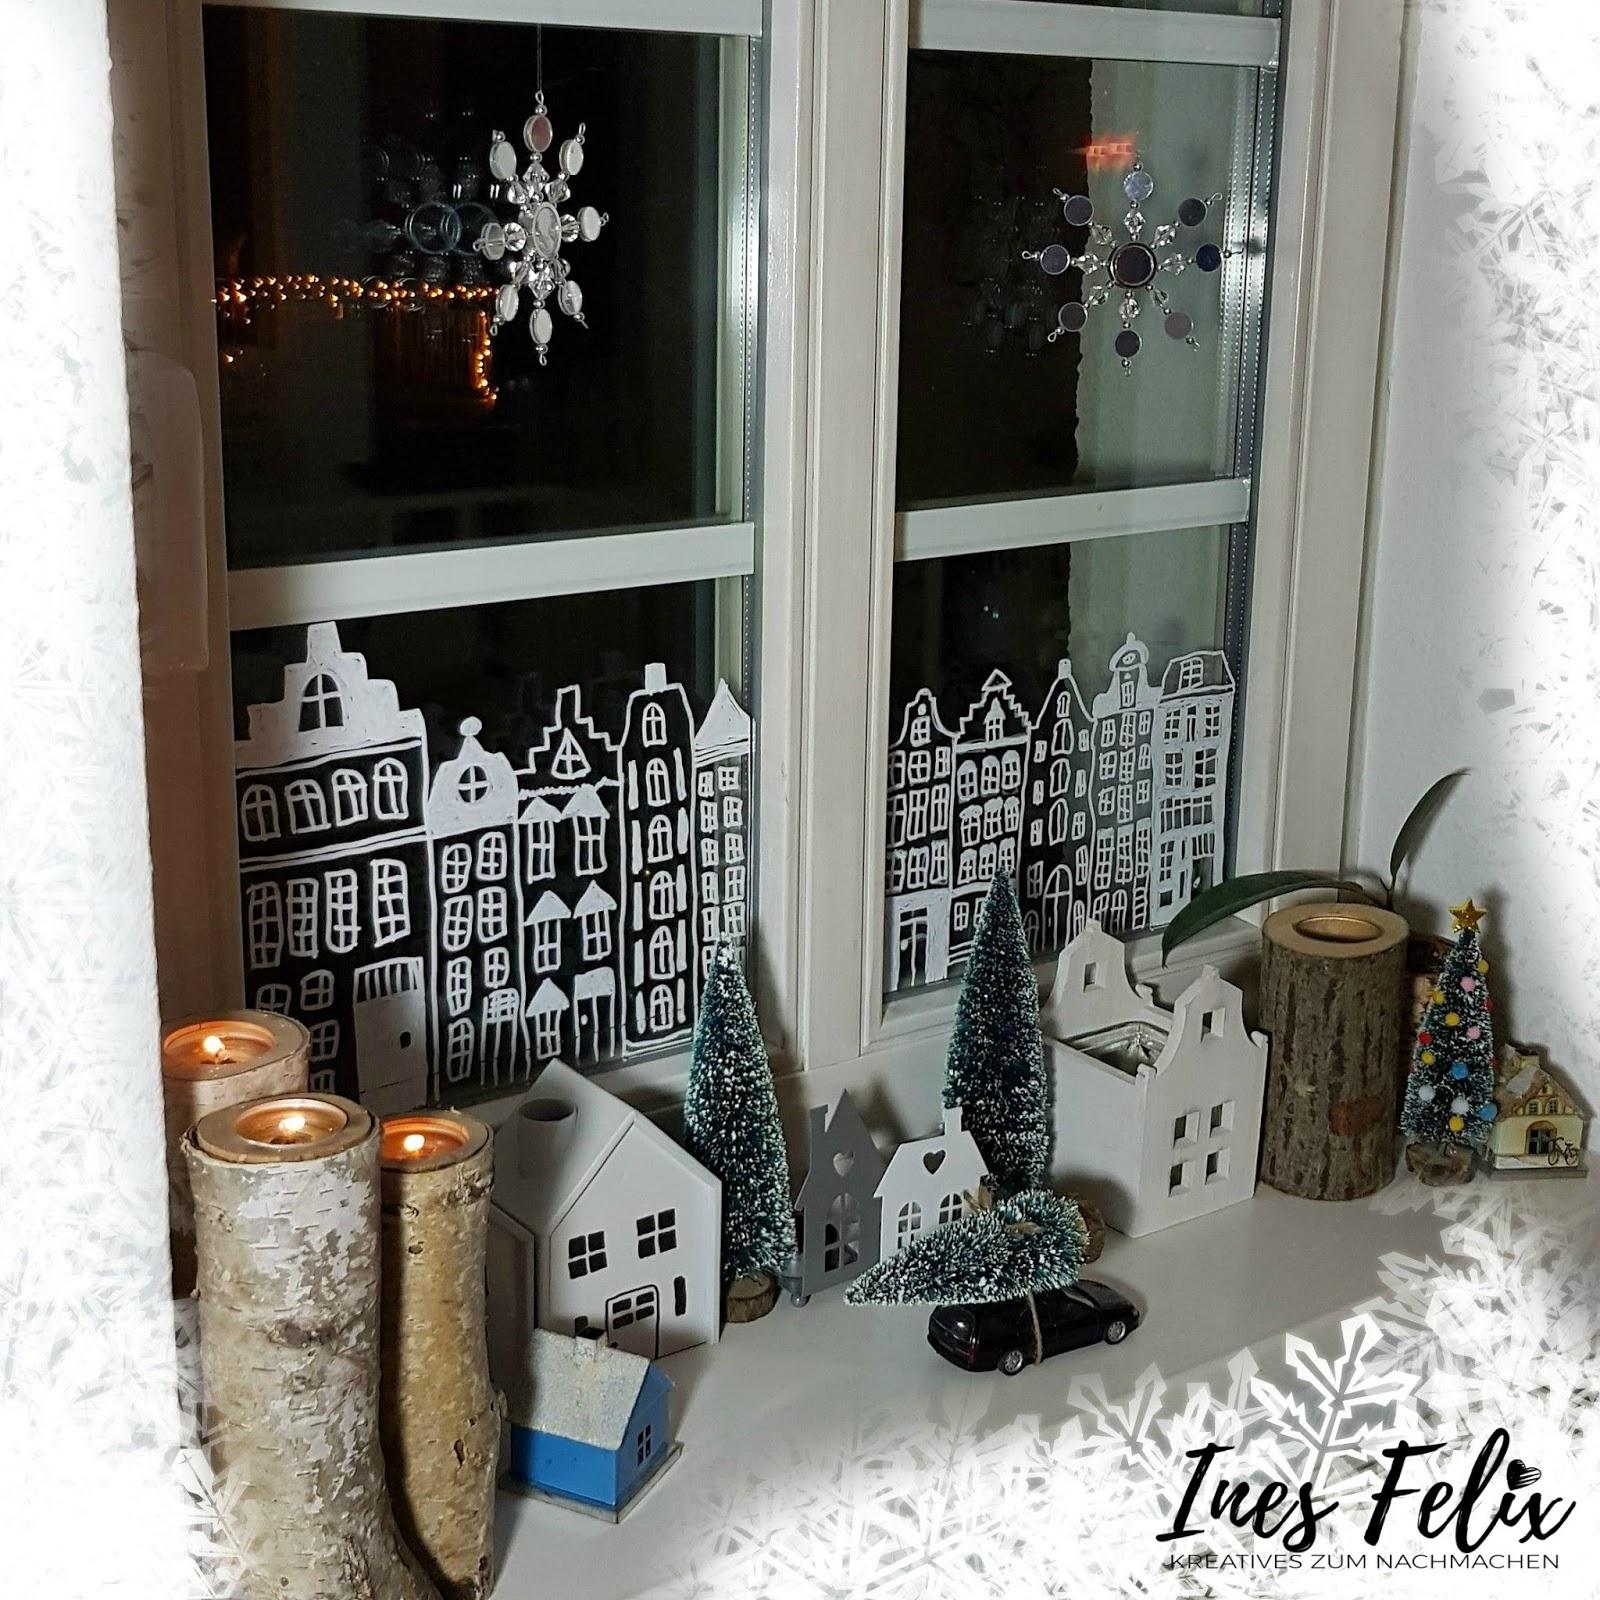 ines felix kreatives zum nachmachen winter weihnachts fensterdekoration. Black Bedroom Furniture Sets. Home Design Ideas